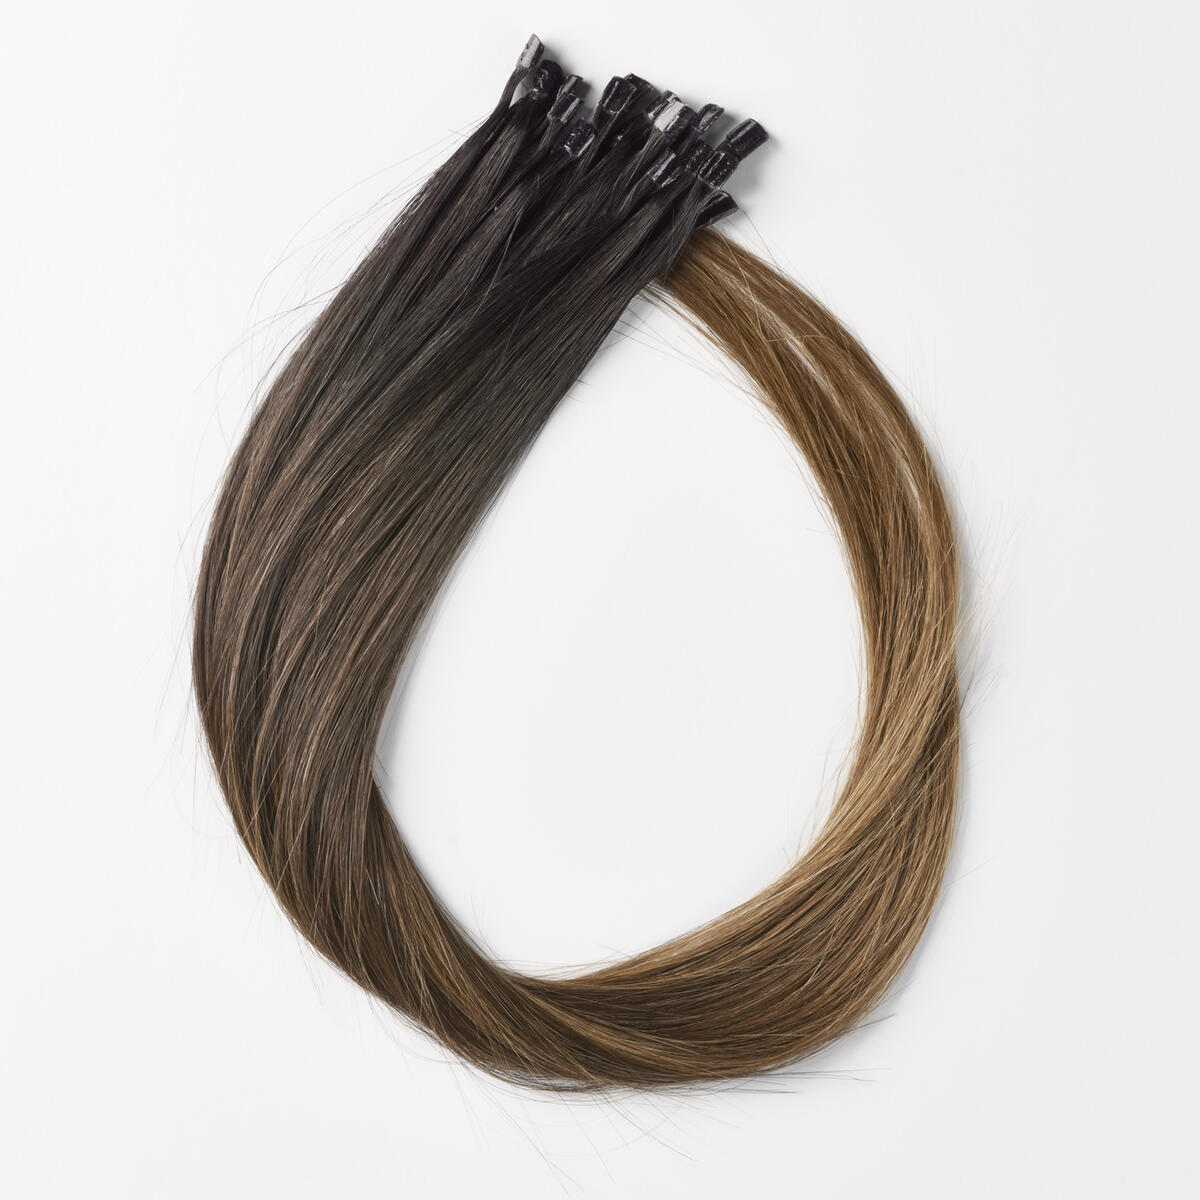 Nail Hair Premium C1.2/5.0 Deep Brown ColorMelt 50 cm